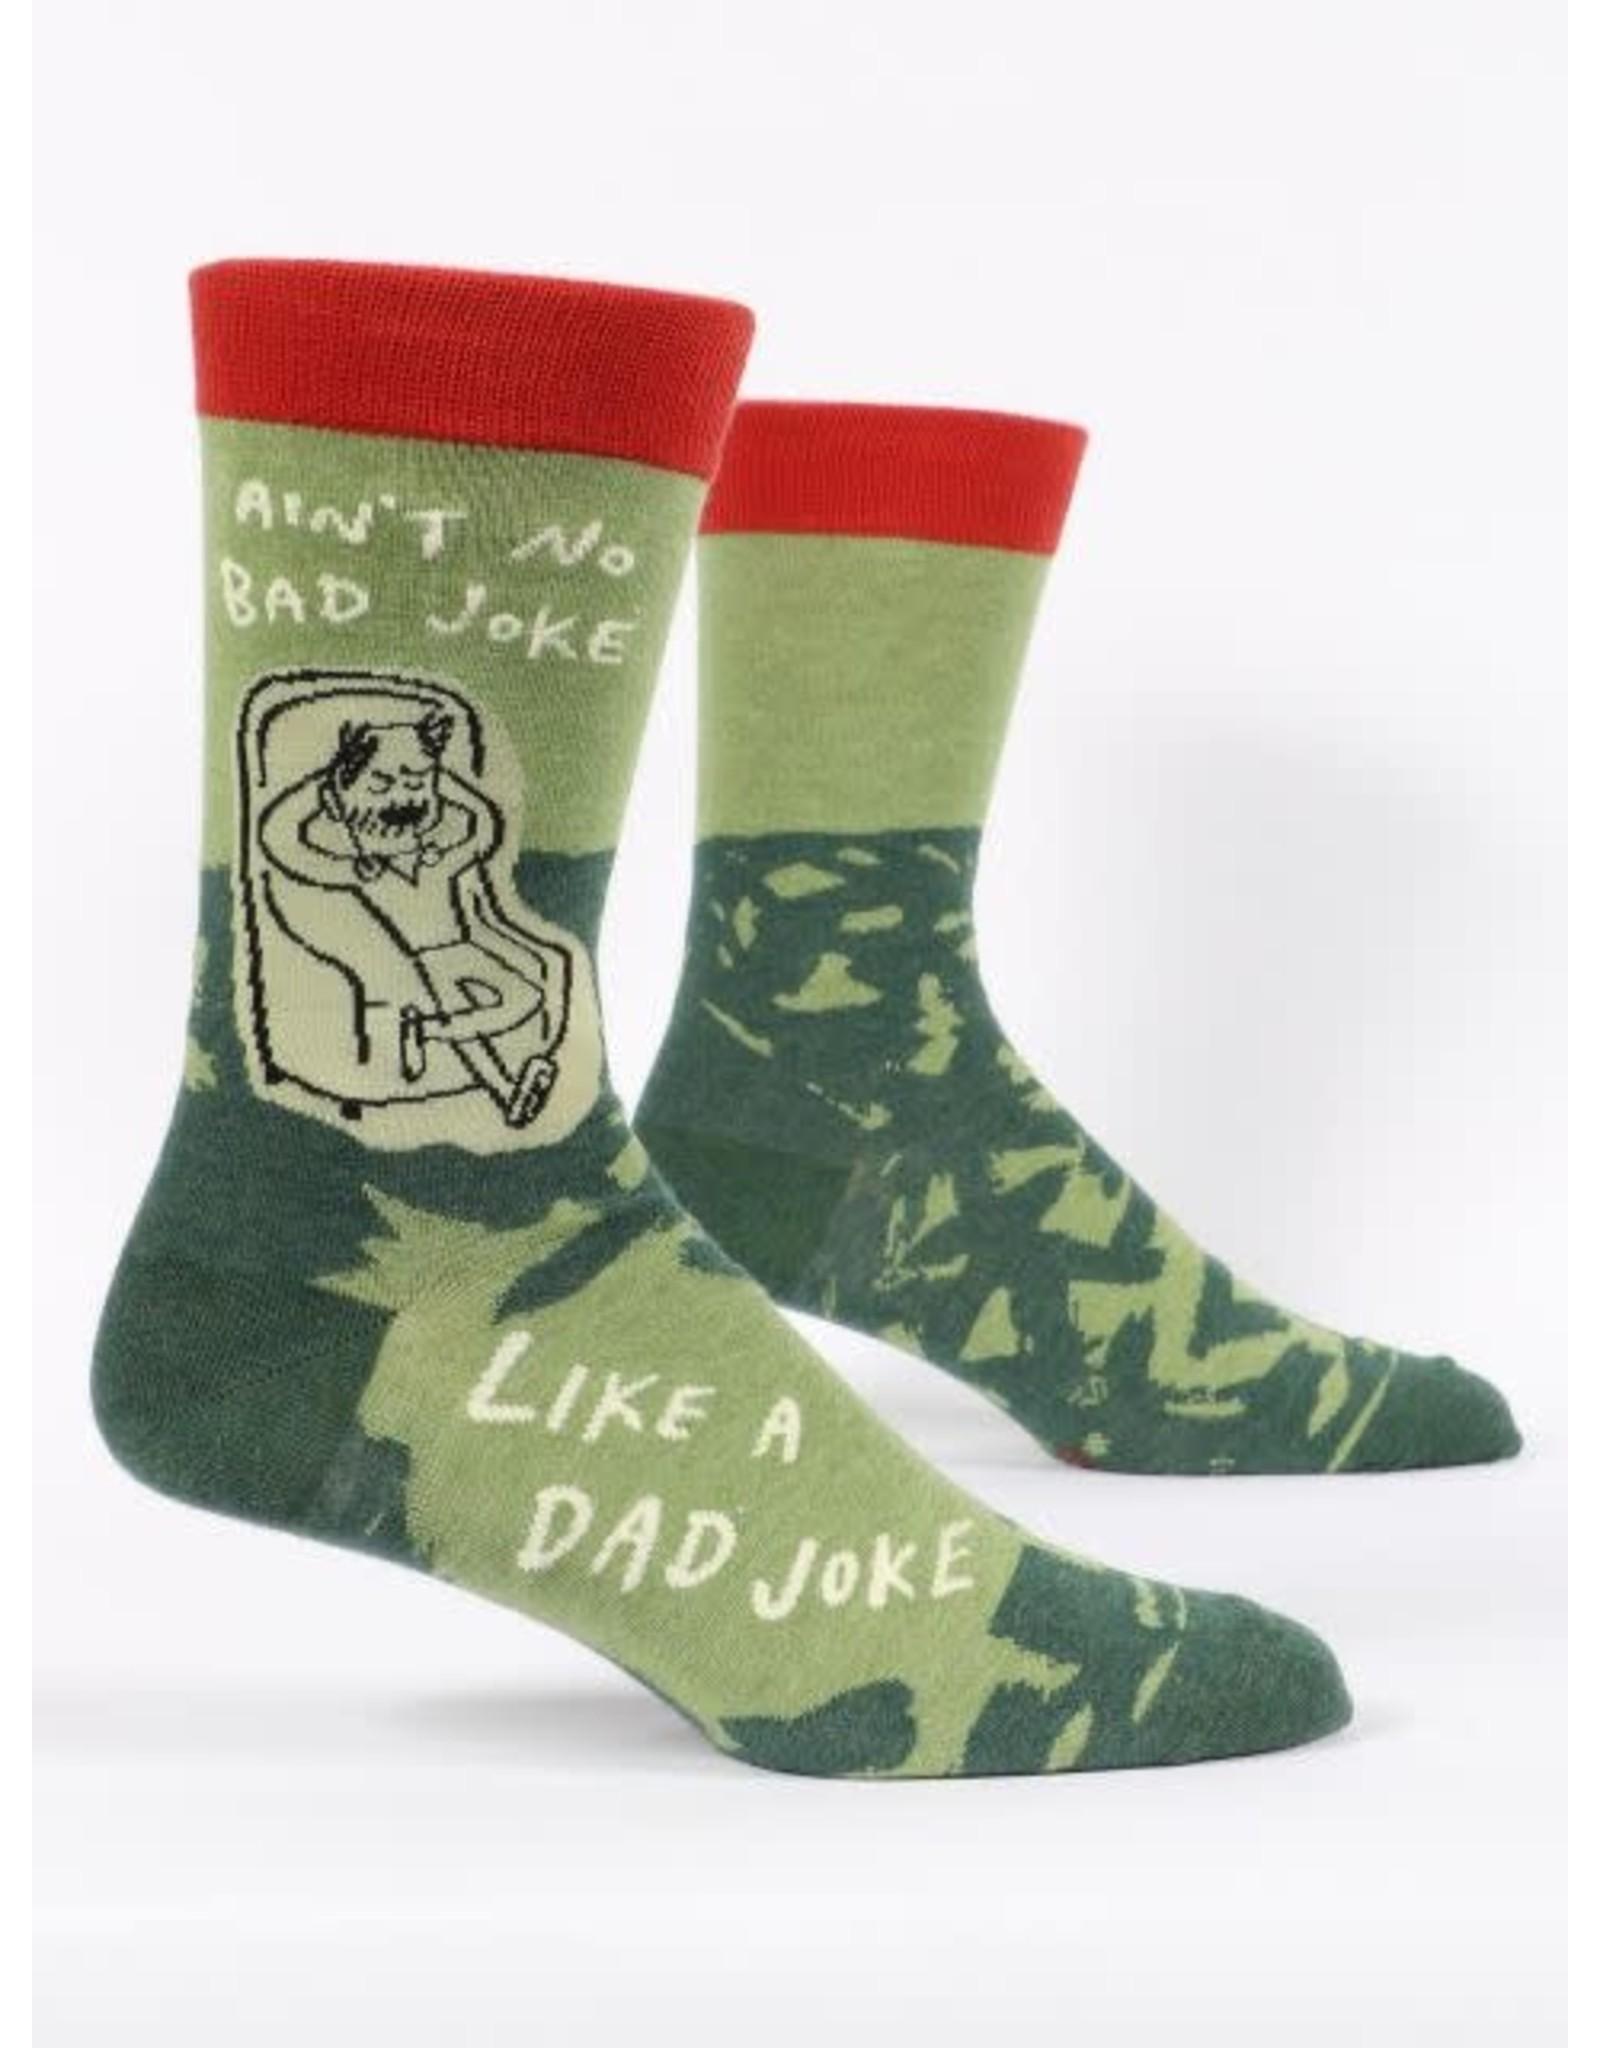 Blue Q Blue Q - Socks (men size 7-12) - multiple socks